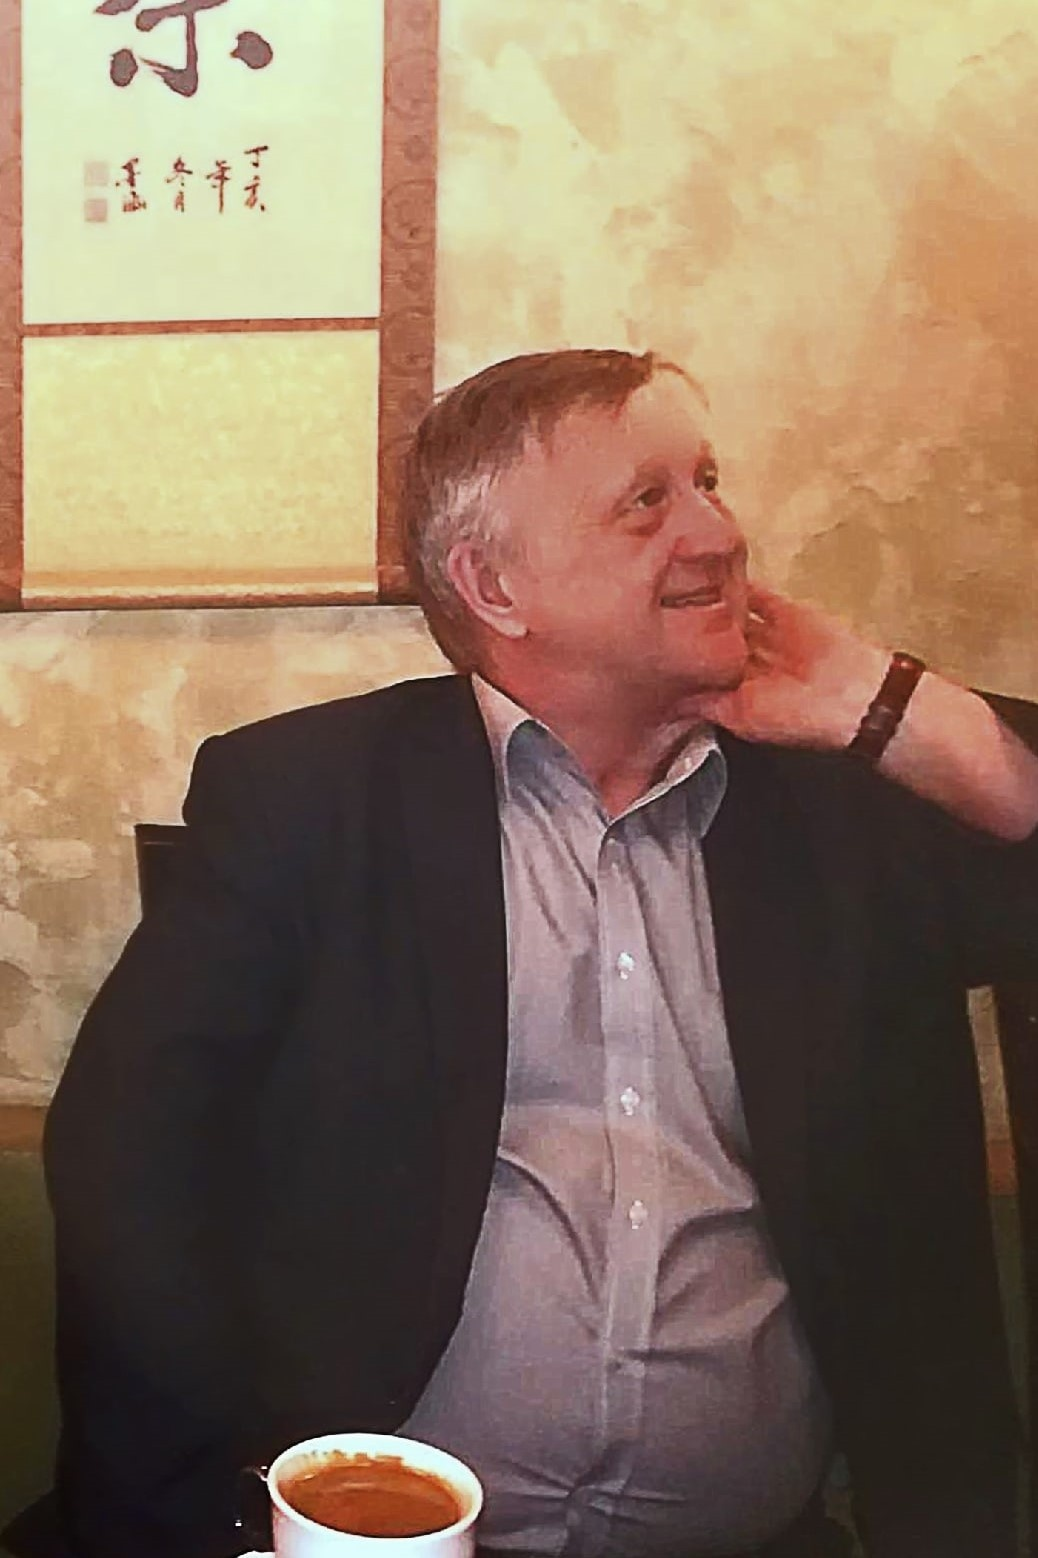 Последнее фото Сергея Сергеича (так его называли коллеги и многие знакомые) в любимом баре. Снимок сделан в чайной комнате.Она появилась благодаря большой любви Яшина-старшего к чаю